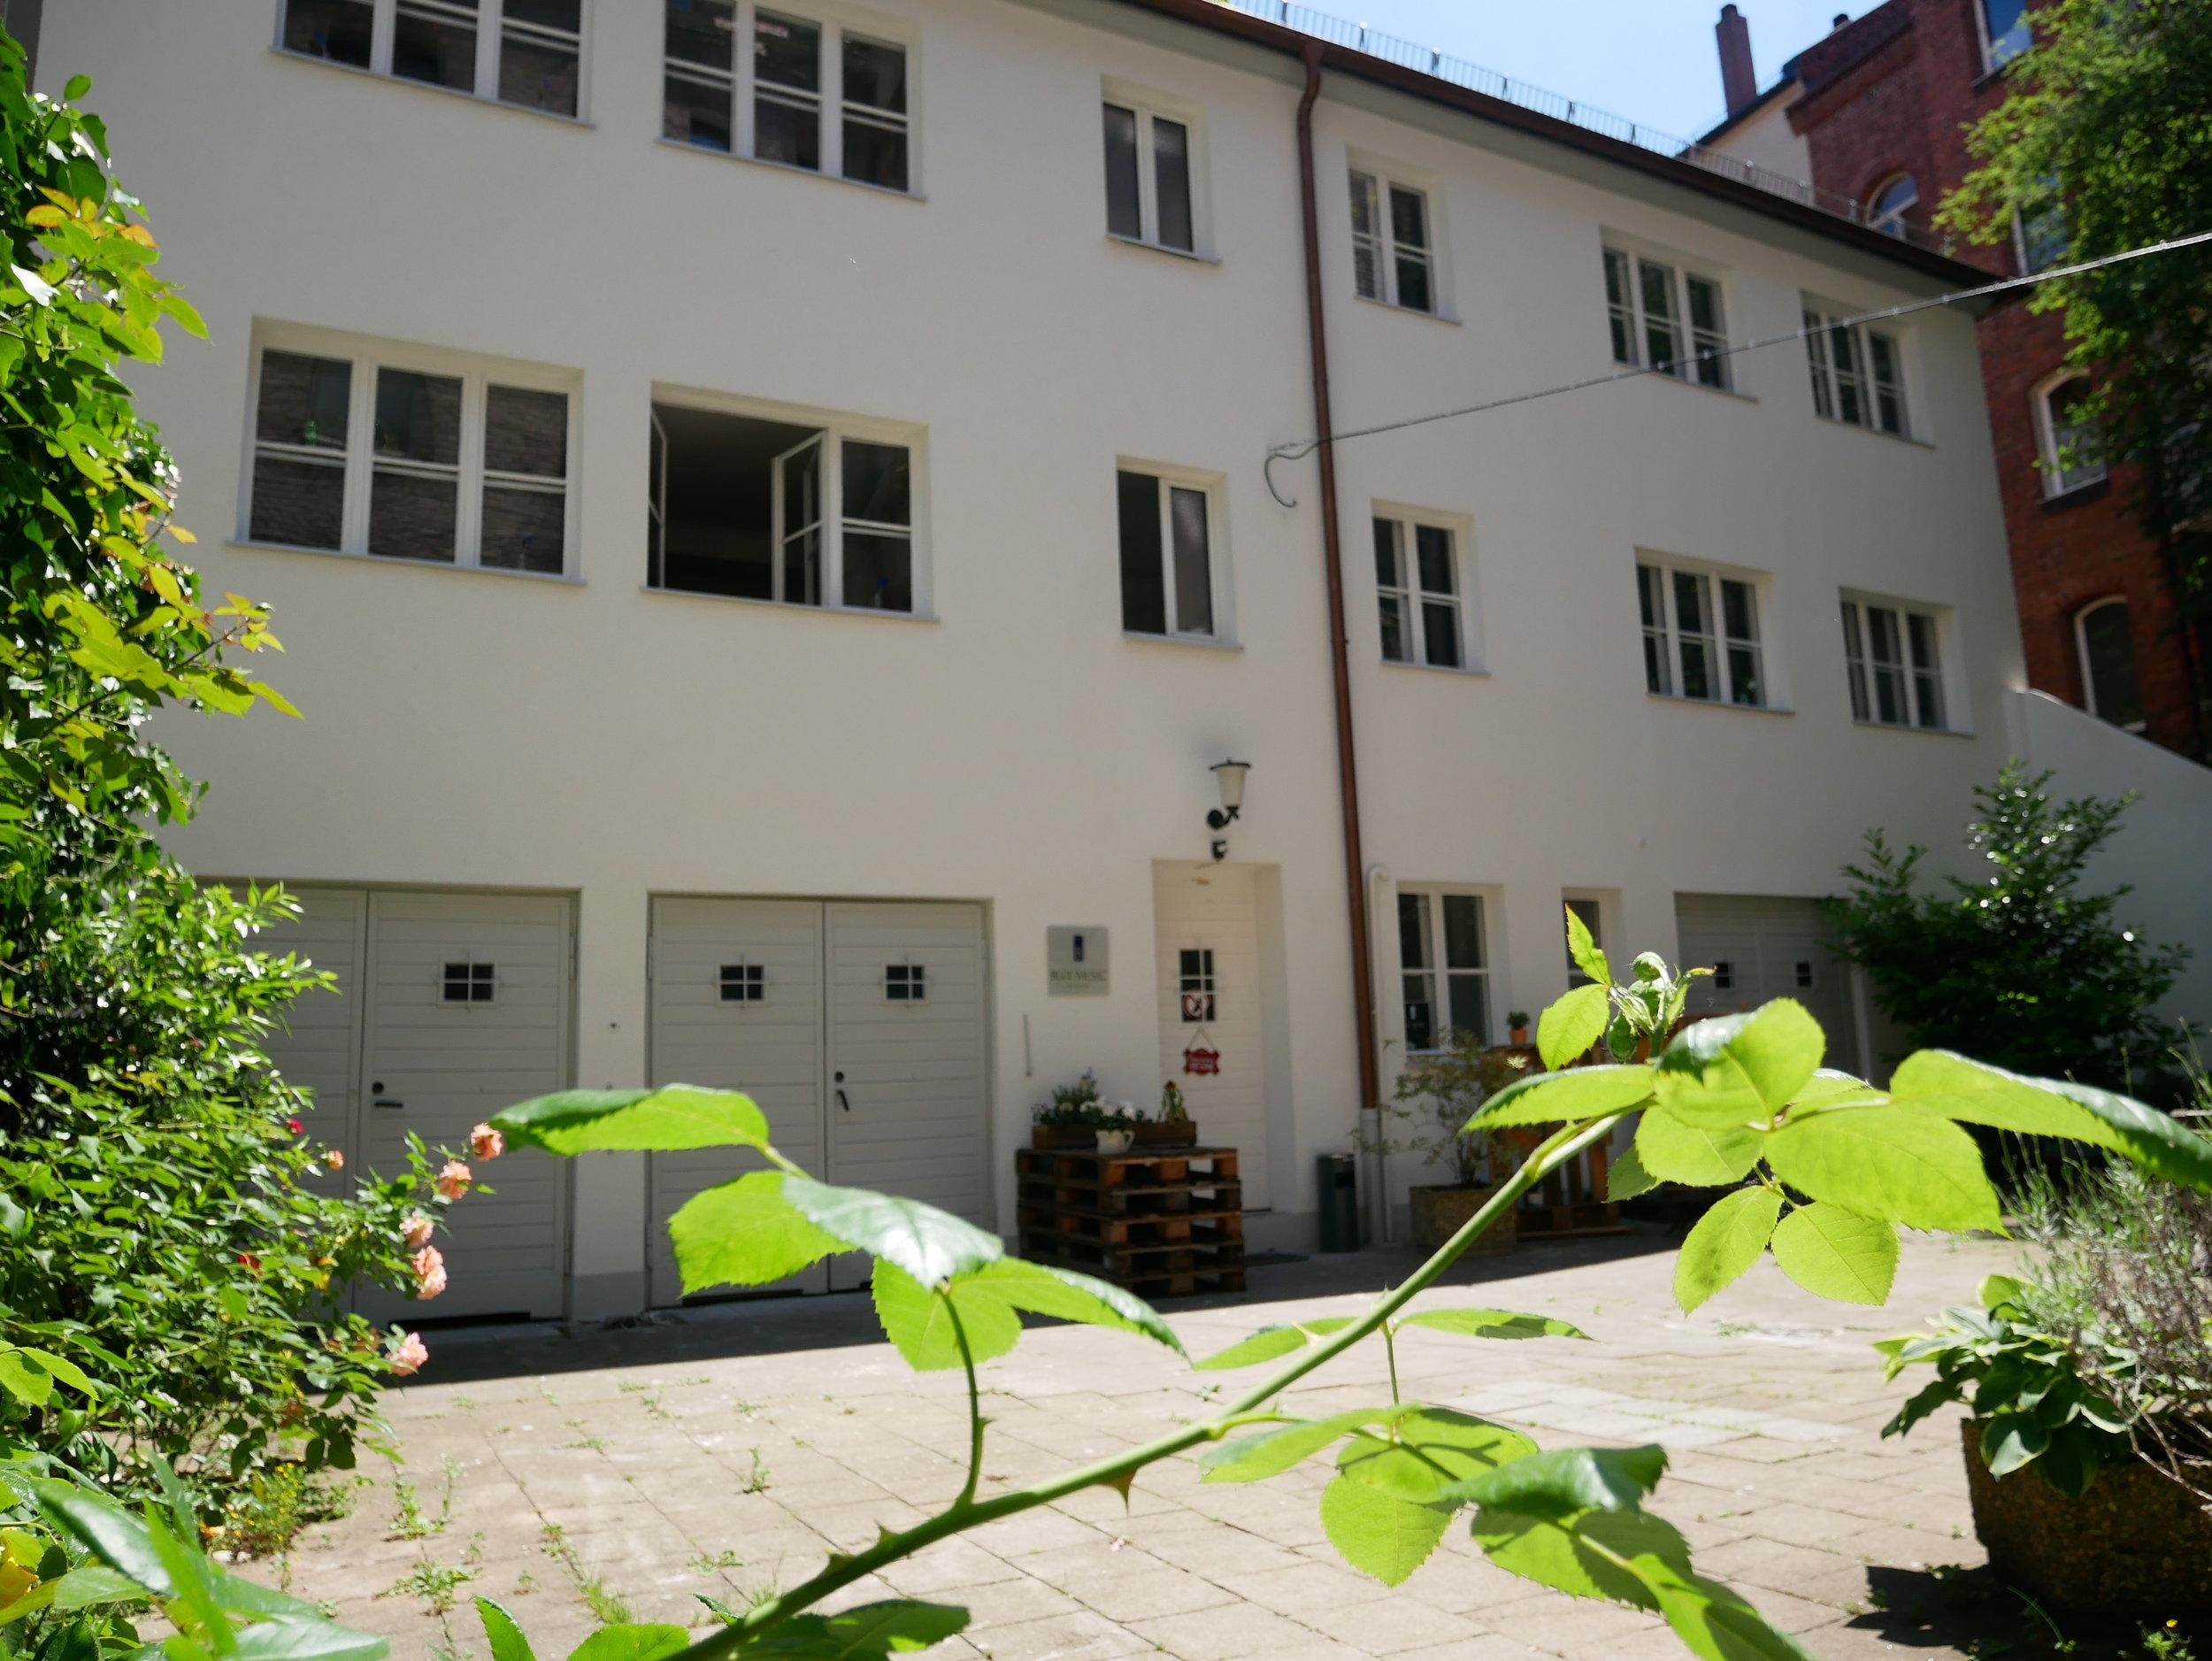 Die Blue Music School® - versteckt im grünen Hinterhof (Sitzgelegenheiten vorhanden)